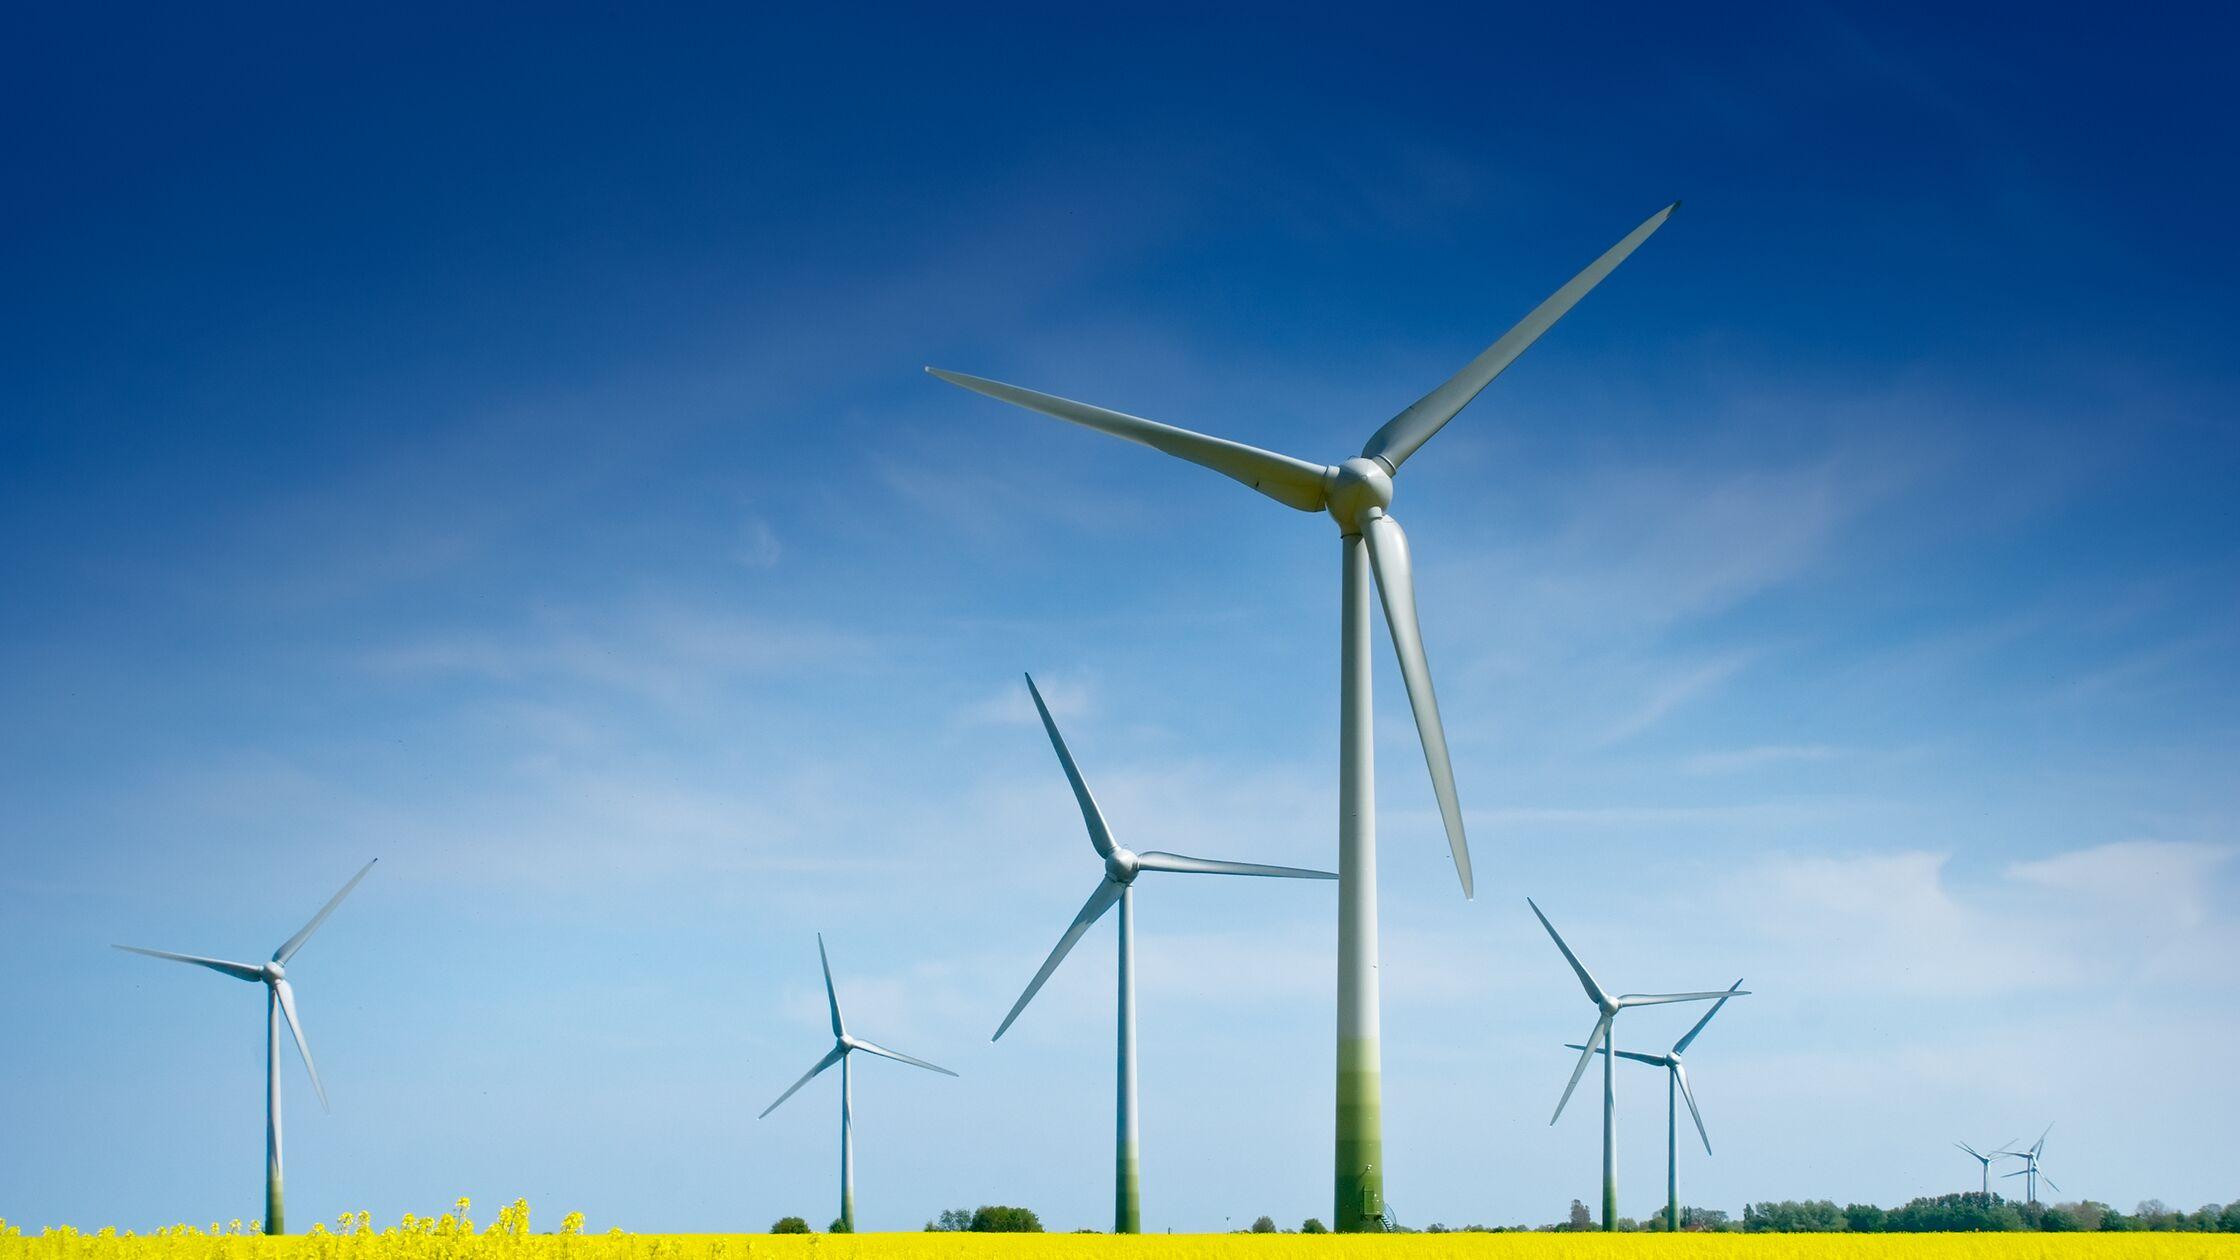 Landschaft mit Windrädern zur Stromerzeugung.